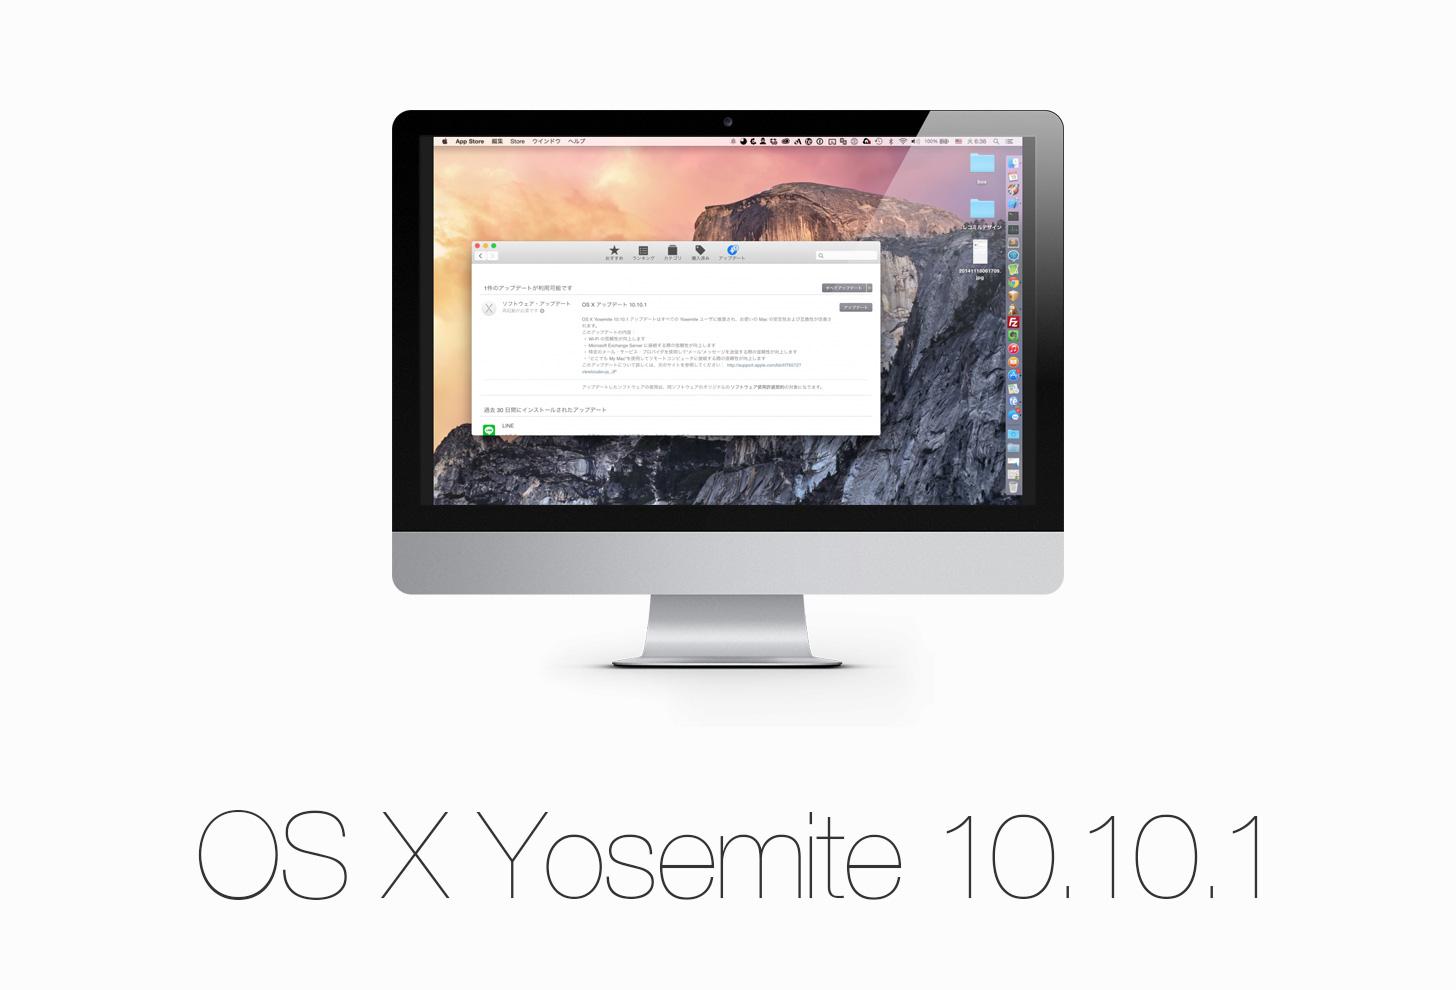 OS X Yosemite 10.10.1がリリース。Wi-Fiが繋がりにくくなる問題を修正。